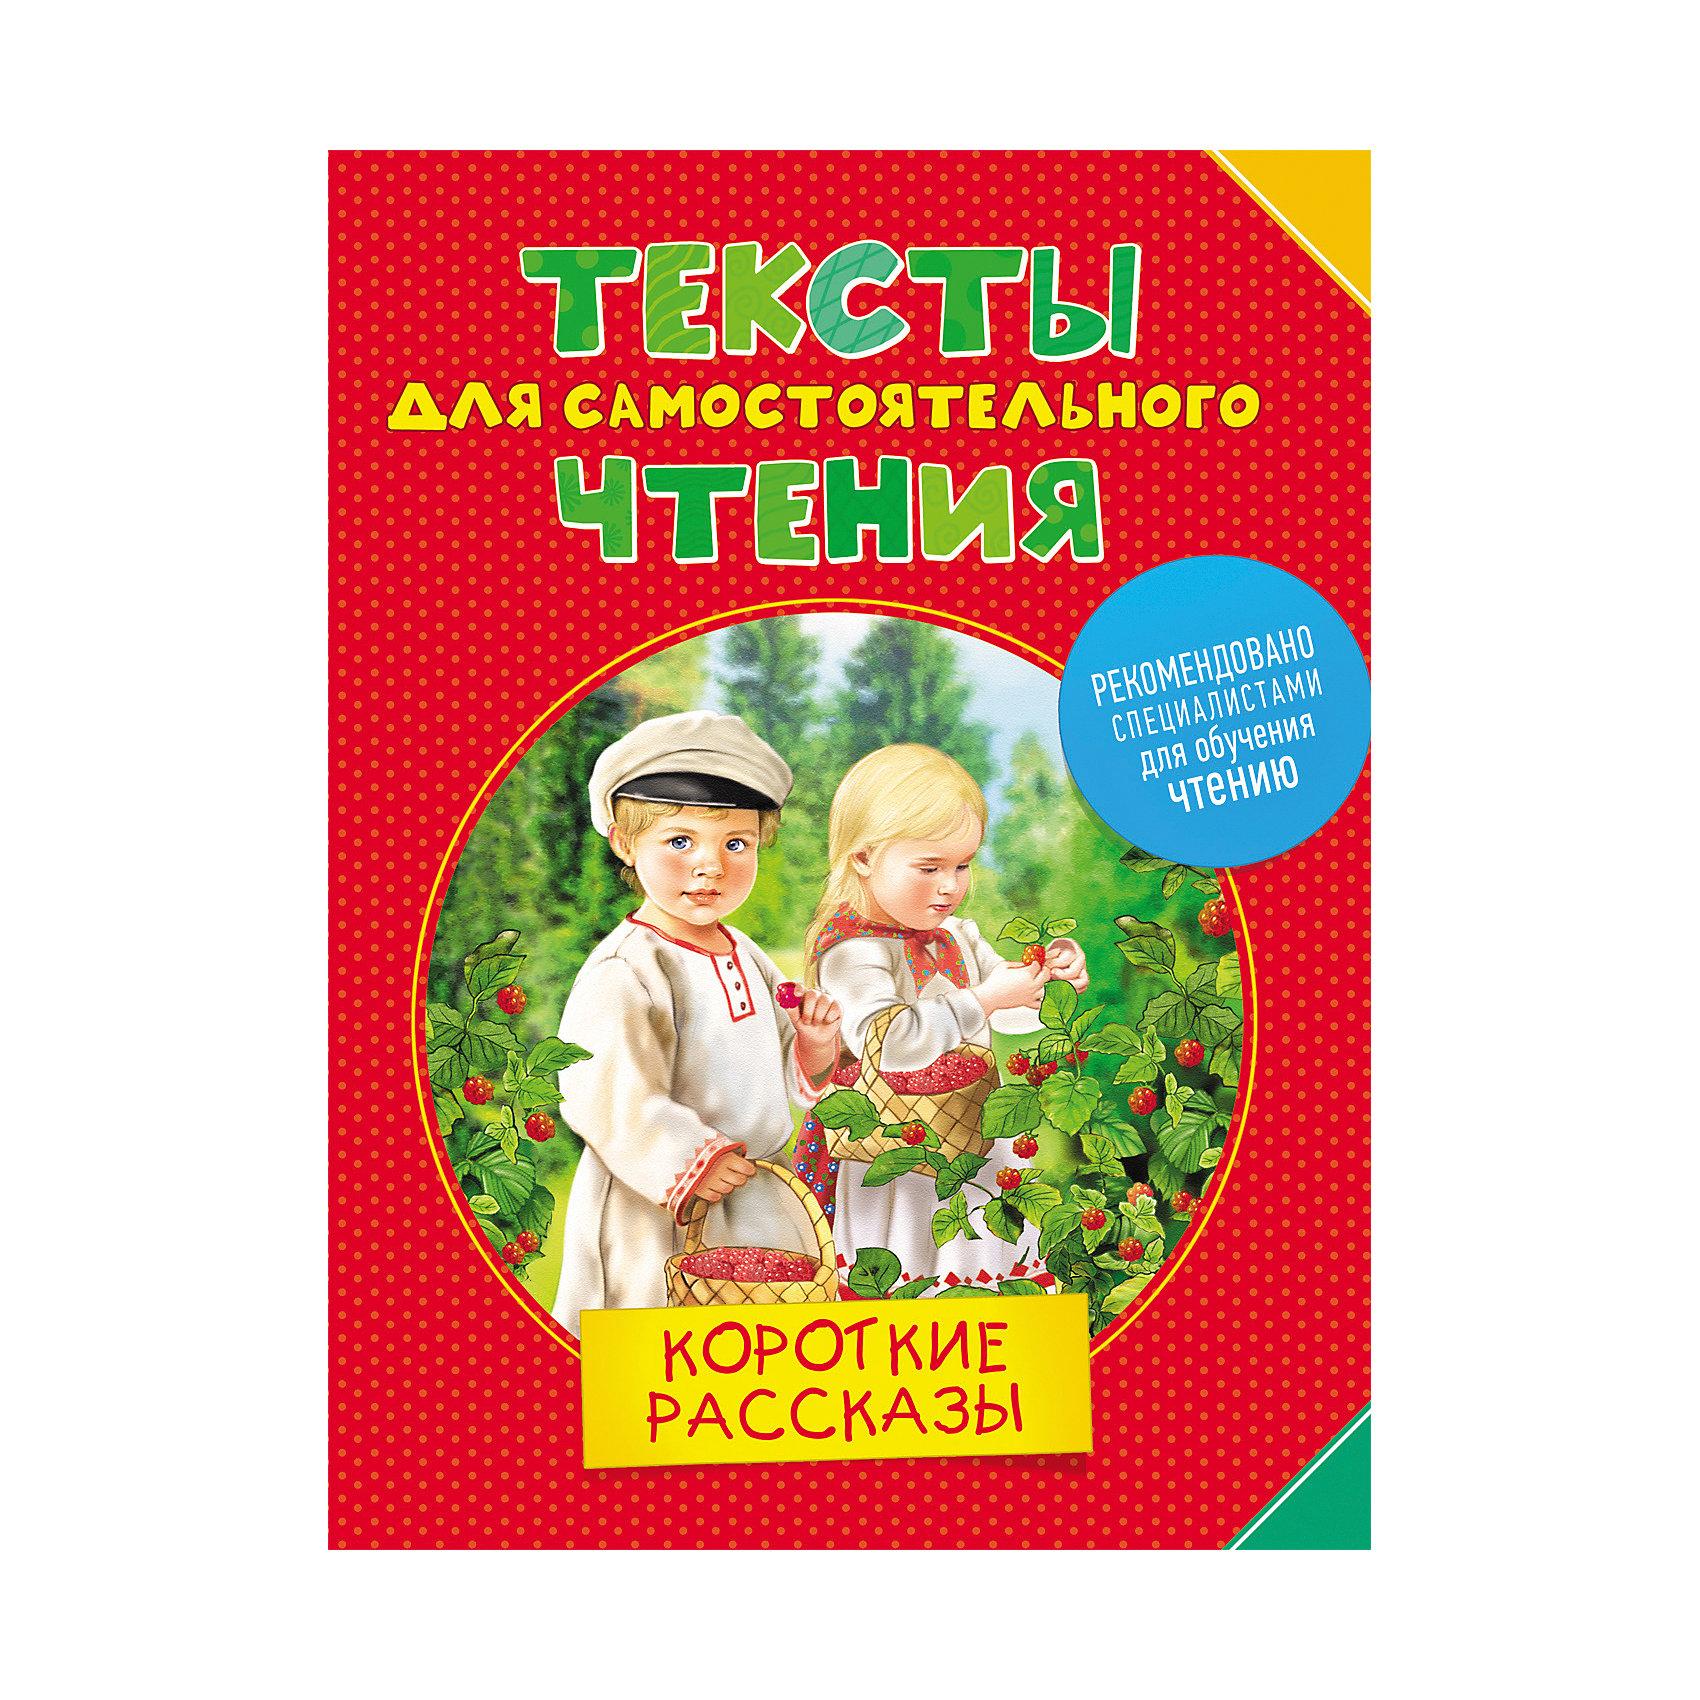 Тексты для самостоятельного чтения. короткие рассказыХарактеристики товара:<br><br>- цвет: разноцветный;<br>- материал: бумага;<br>- страниц: 40;<br>- формат: 22 х 28 см;<br>- обложка: твердая;<br>- цветные иллюстрации.<br><br>Это проработанное развивающее издание станет отличным подарком для родителей и ребенка. Оно содержит в себе короткие тексты, которые помогут ребенку подготовиться к школе. Простые интересные рассказы, написанные крупным шрифтом и понятным языком и дополненные яркими картинками помогут привить любовь к учебе!<br>Такое чтение помогает ребенку развивать нужные навки, зрительную память, концентрацию внимания и воображение. Издание произведено из качественных материалов, которые безопасны даже для самых маленьких.<br><br>Издание Тексты для самостоятельного чтения. короткие рассказы от компании Росмэн можно купить в нашем интернет-магазине.<br><br>Ширина мм: 282<br>Глубина мм: 218<br>Высота мм: 7<br>Вес г: 311<br>Возраст от месяцев: 60<br>Возраст до месяцев: 84<br>Пол: Унисекс<br>Возраст: Детский<br>SKU: 5110180